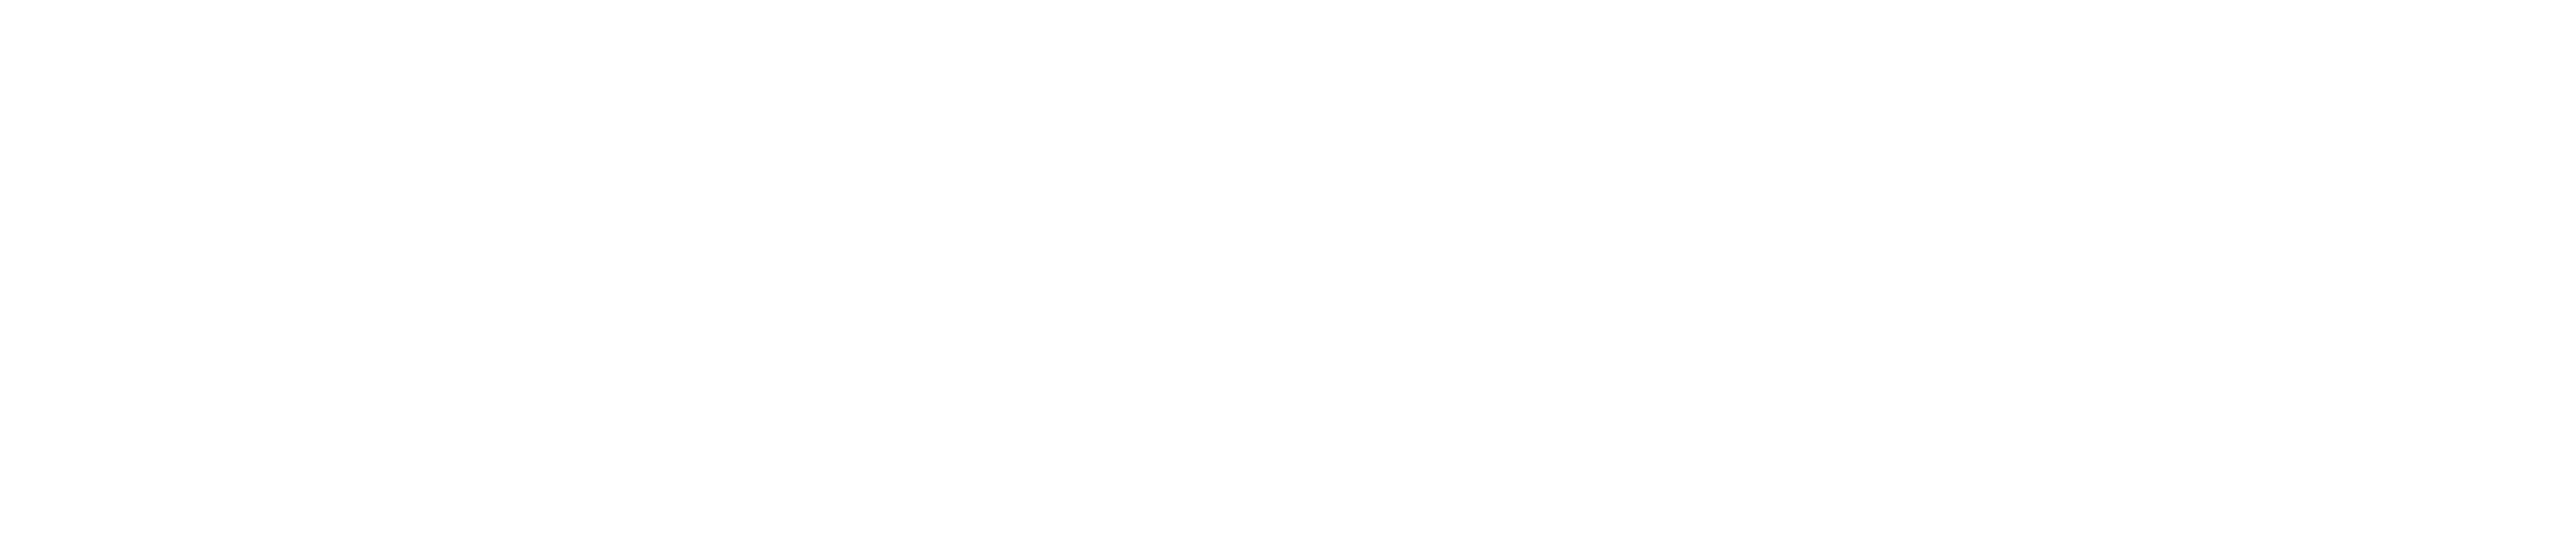 Księgarnia Tajne Komplety